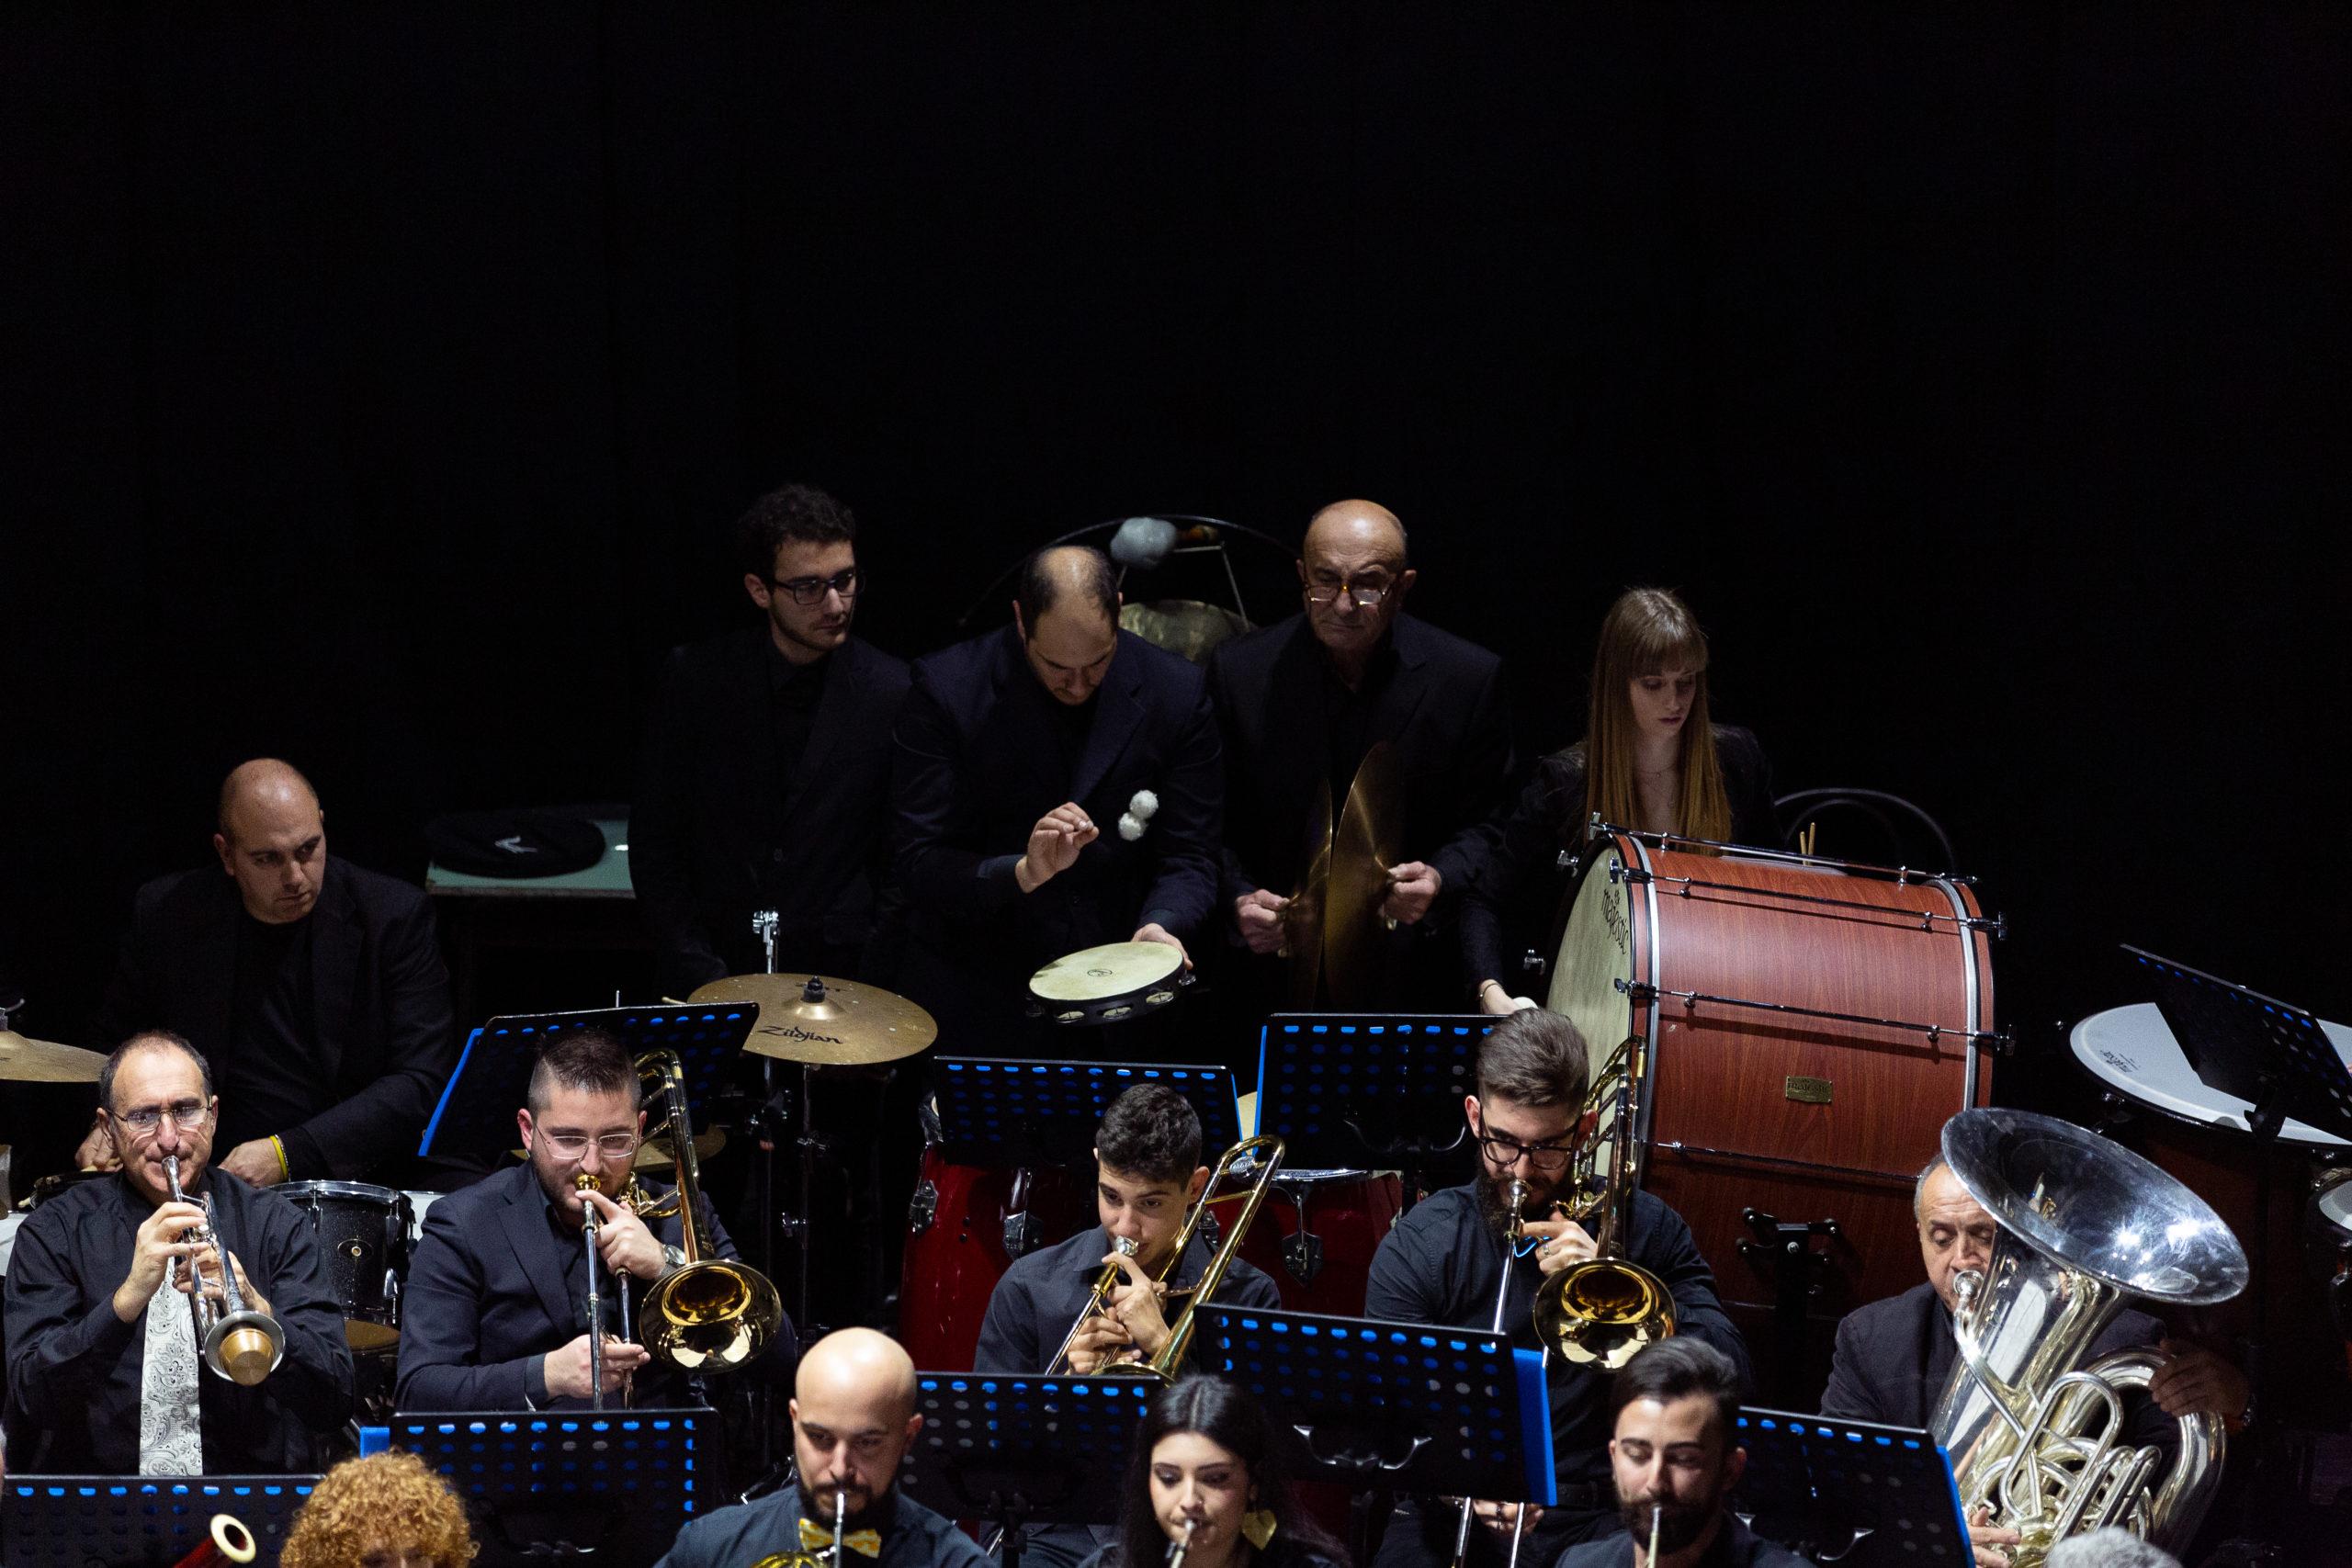 Concerto-di-Natale-Banda-Alaleona-Foto-di-Marco-Rapazzetti-6-scaled